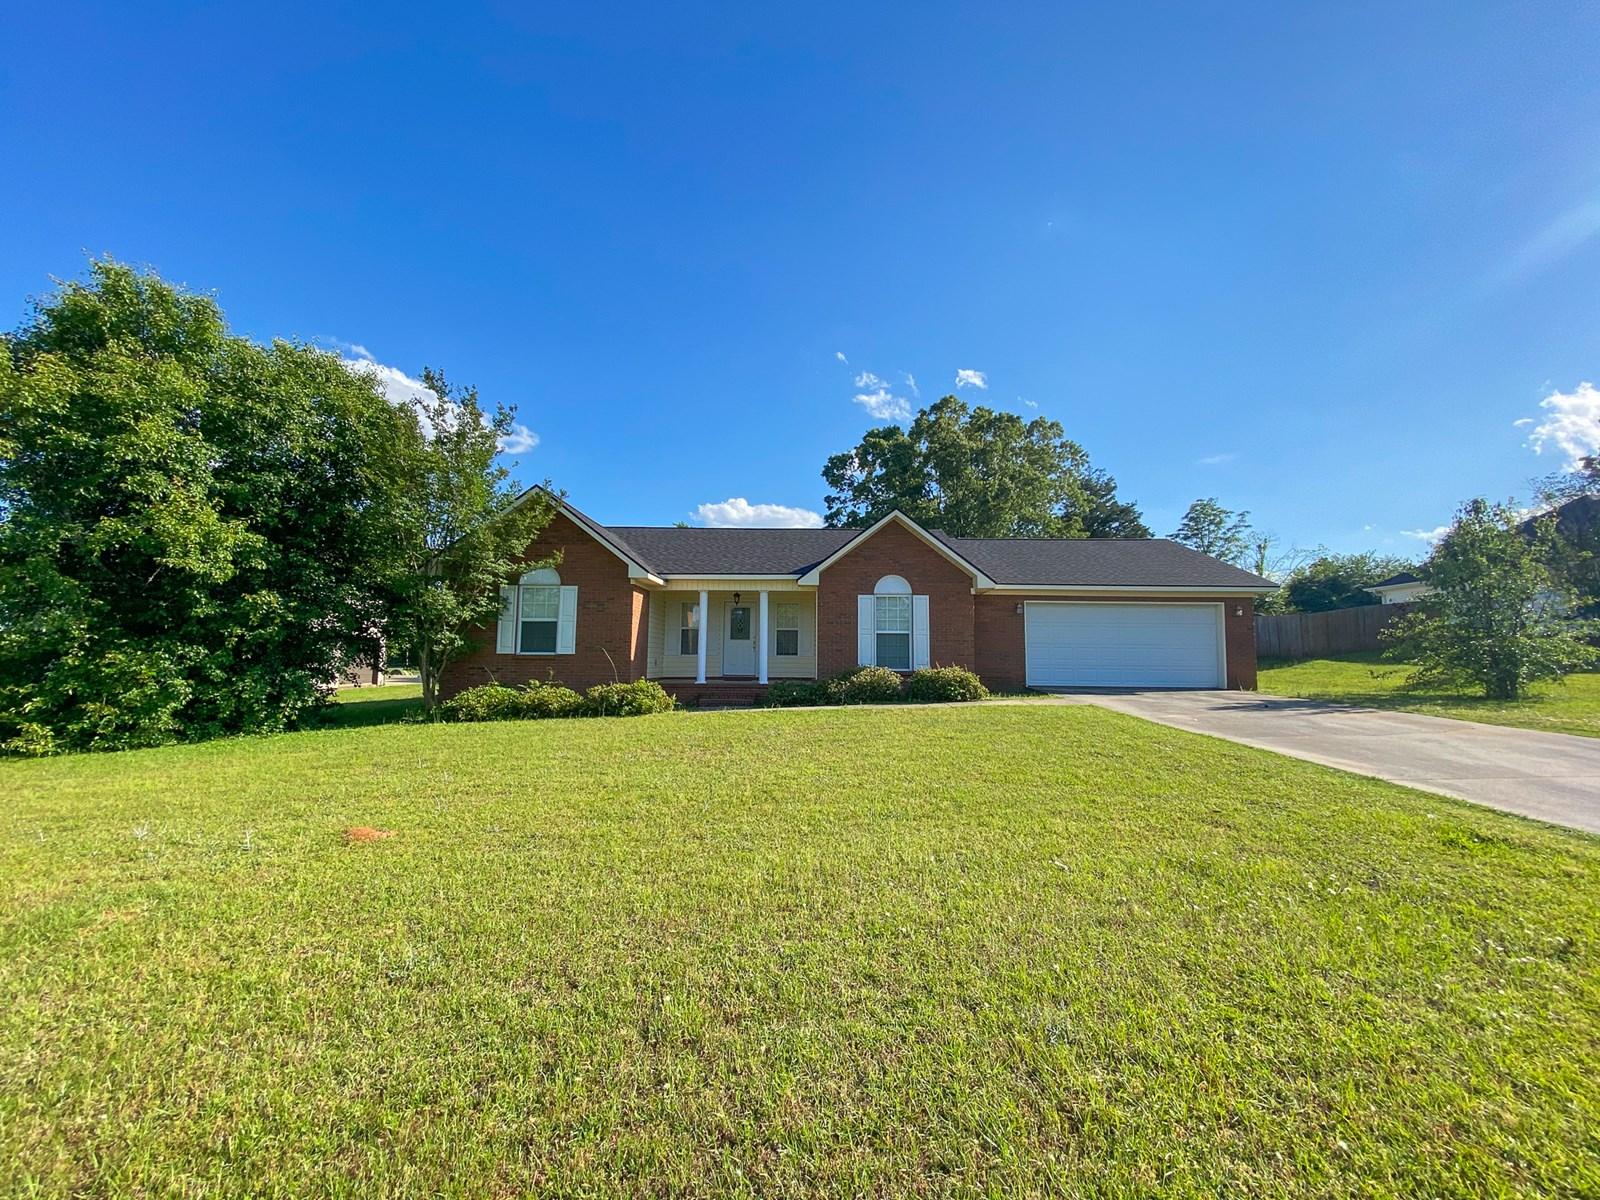 Home for Sale Enterprise, AL near Enterprise, Ft Rucker Gate